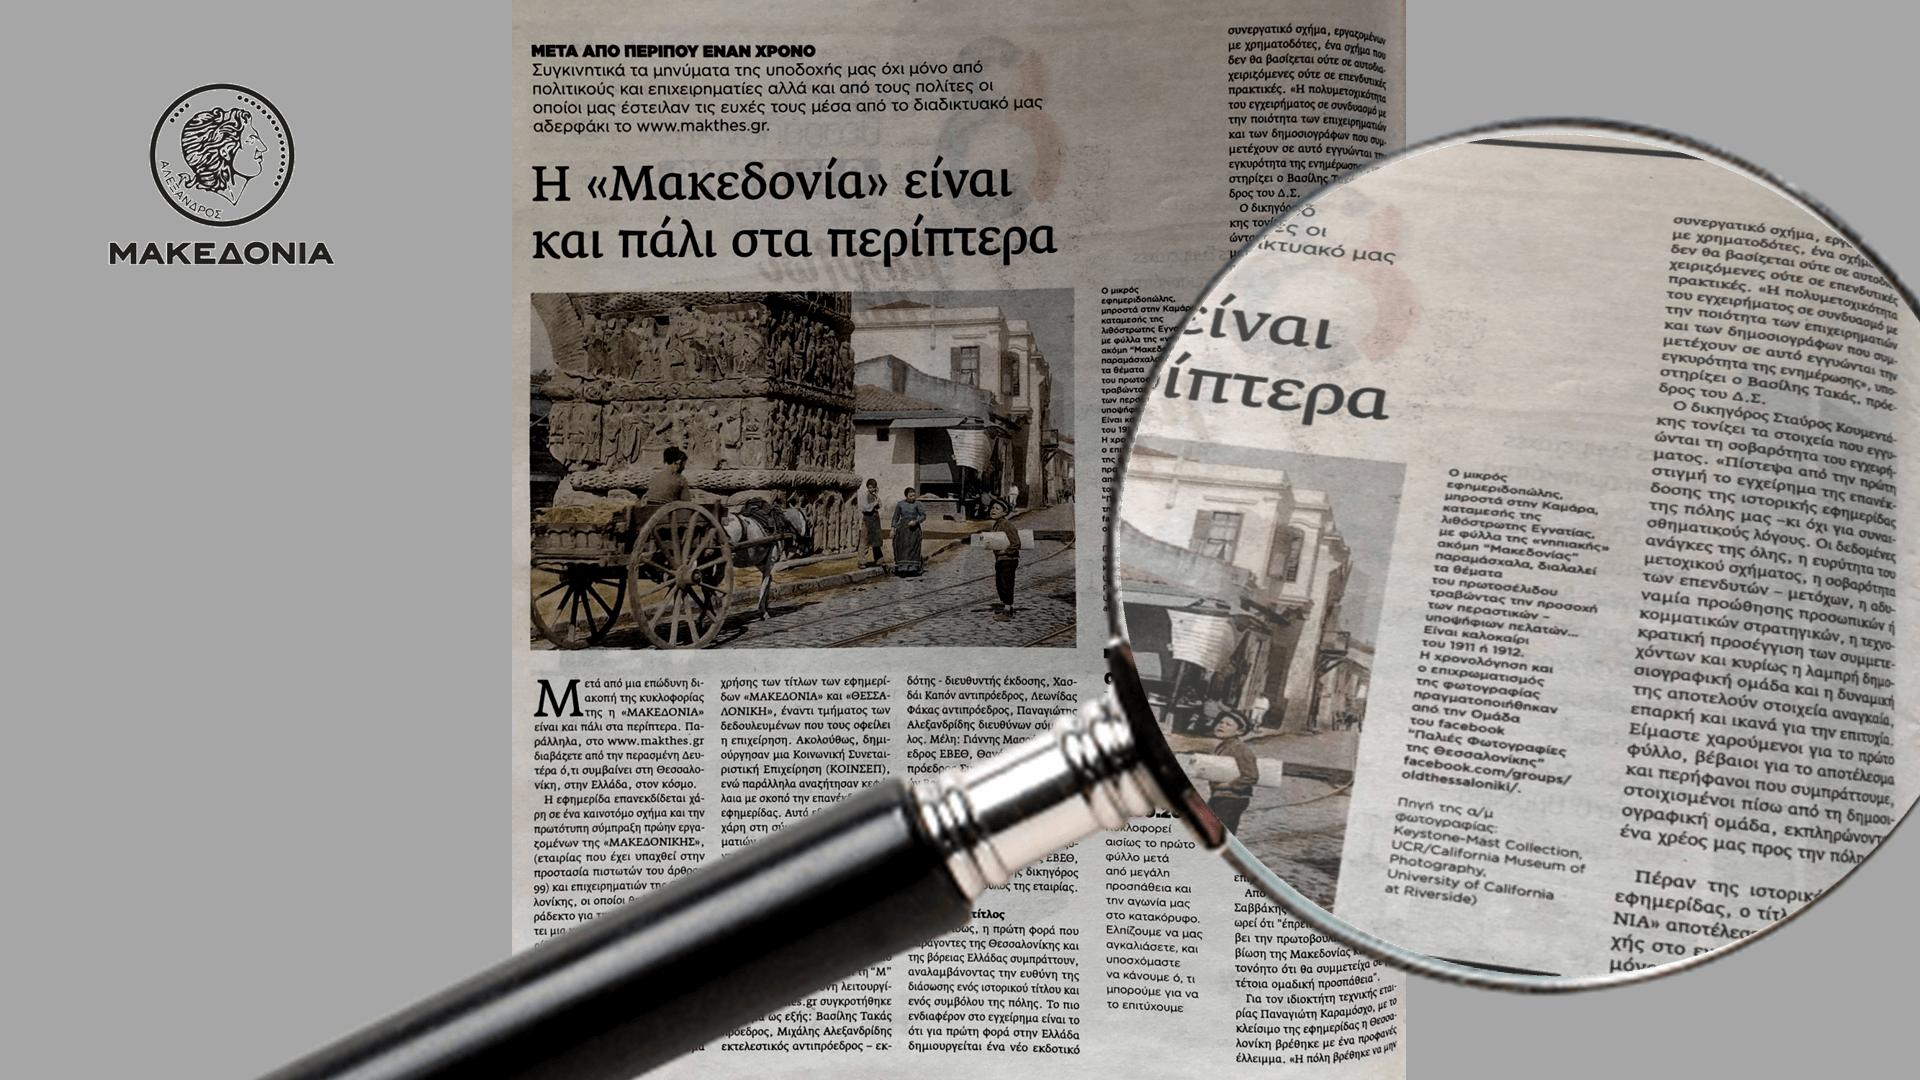 δηλωση σταυρου κουμεντακη στην εφημερίδα μακεδονια